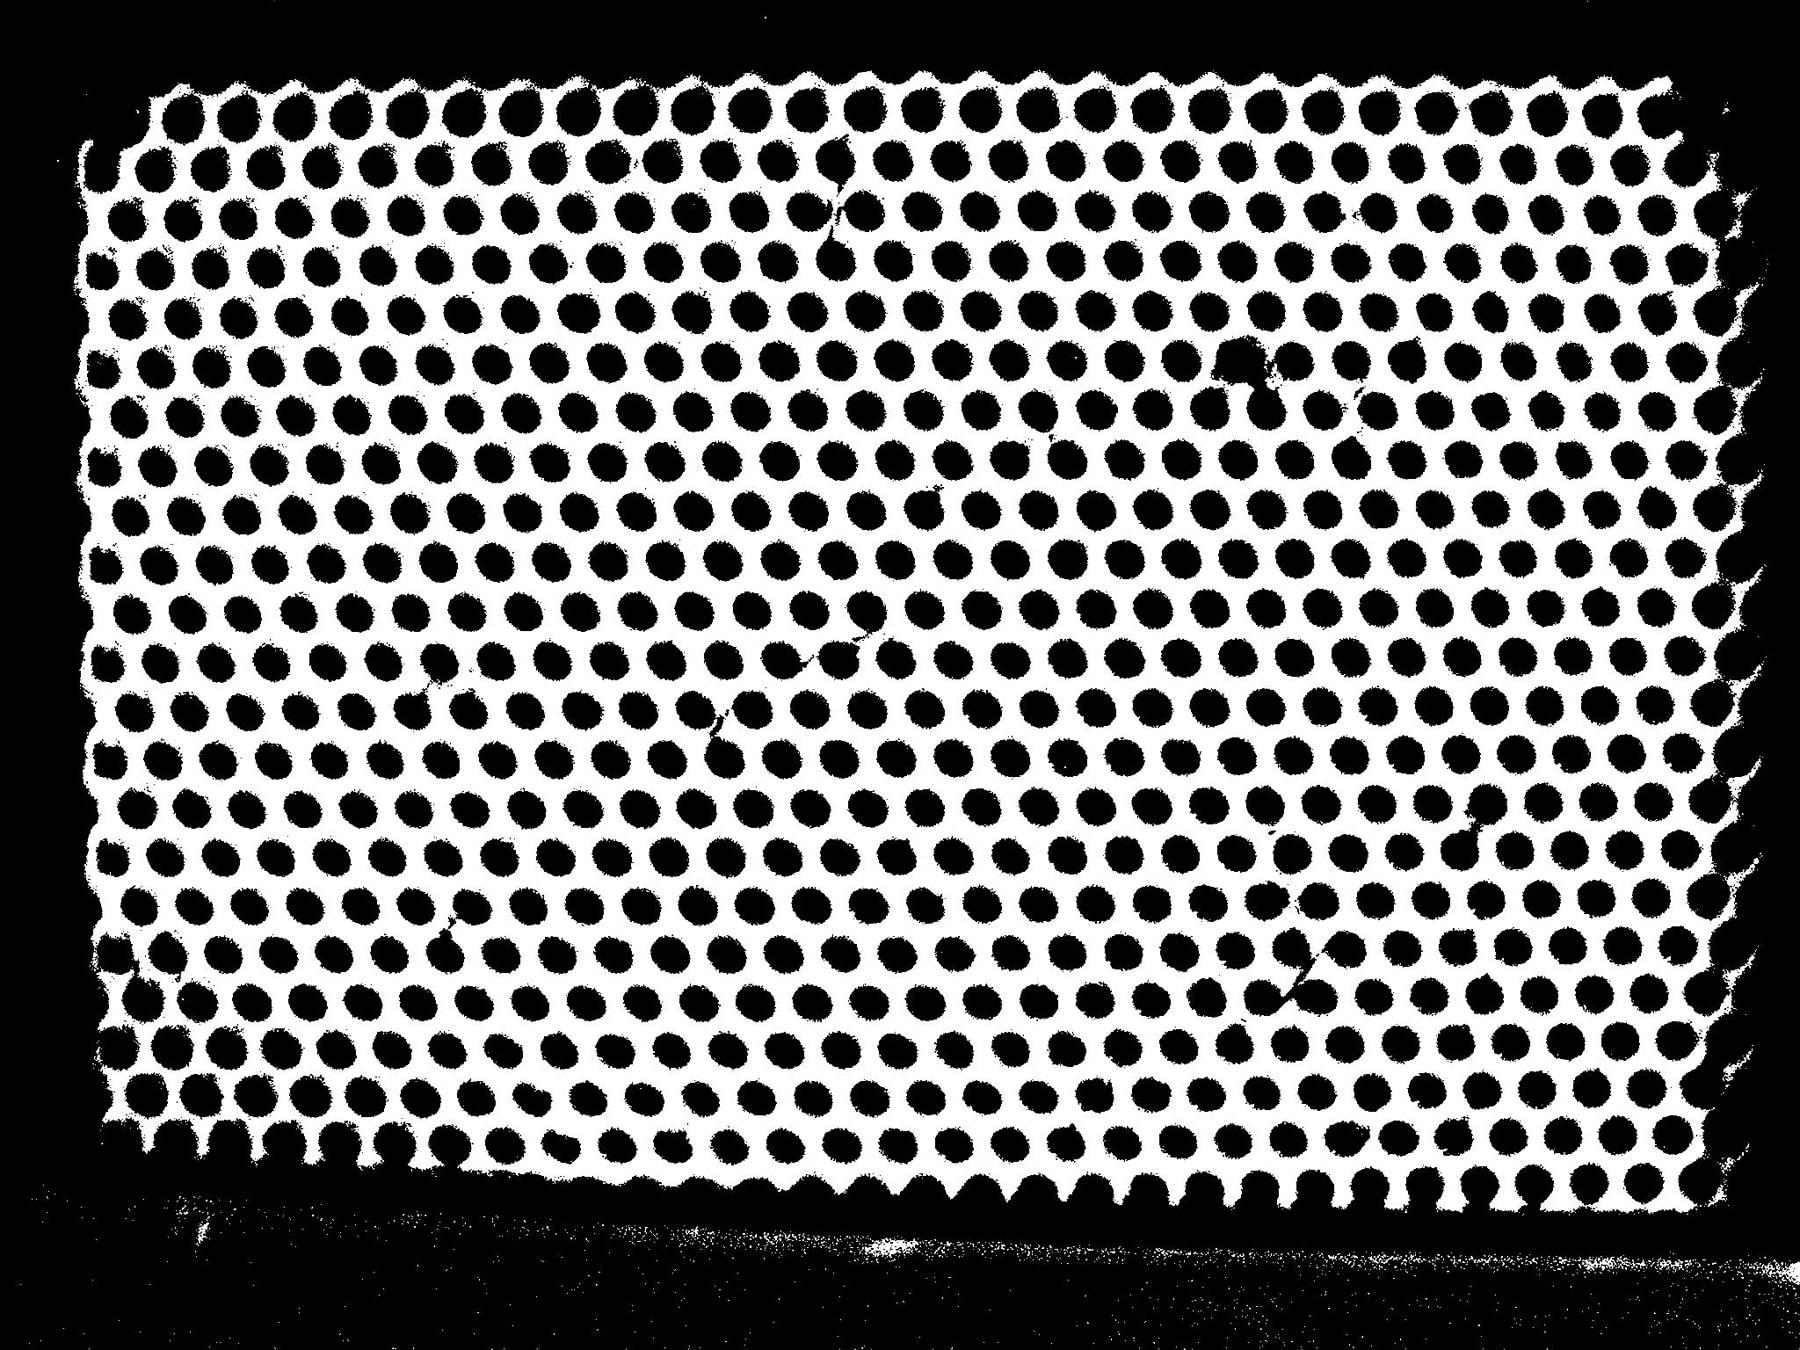 Detail afbeelding 9 van Meteor Musik (photography) | Ontwerp door Stefaan Beeckaert